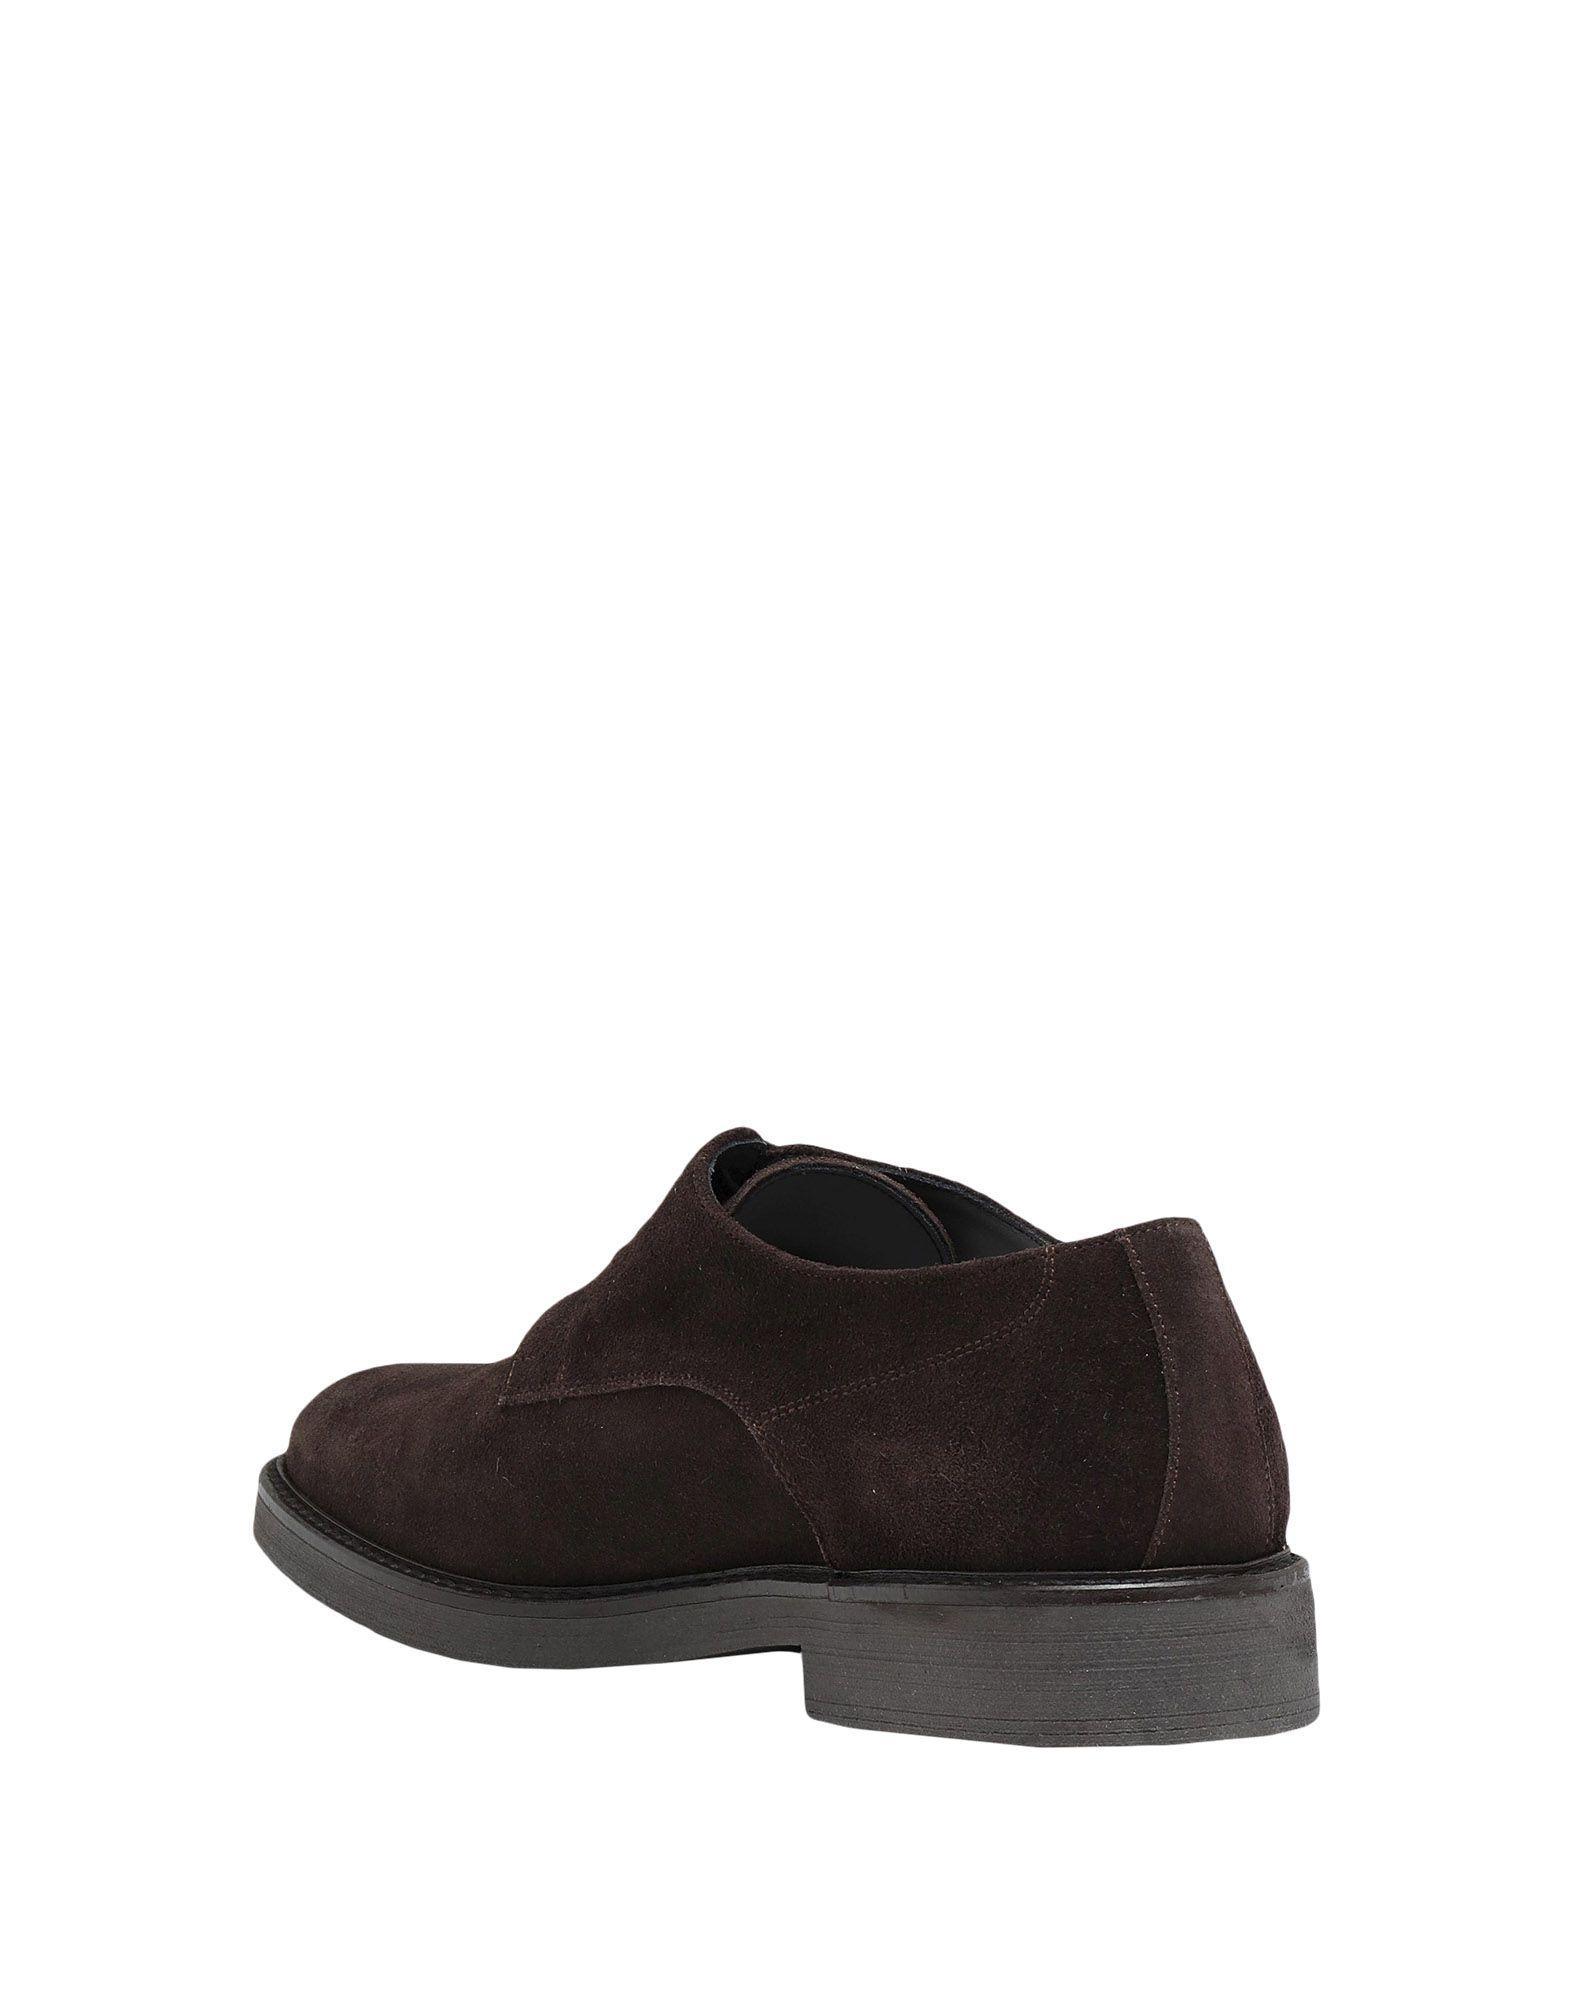 Chaussures à lacets Pollini pour homme en coloris Marron